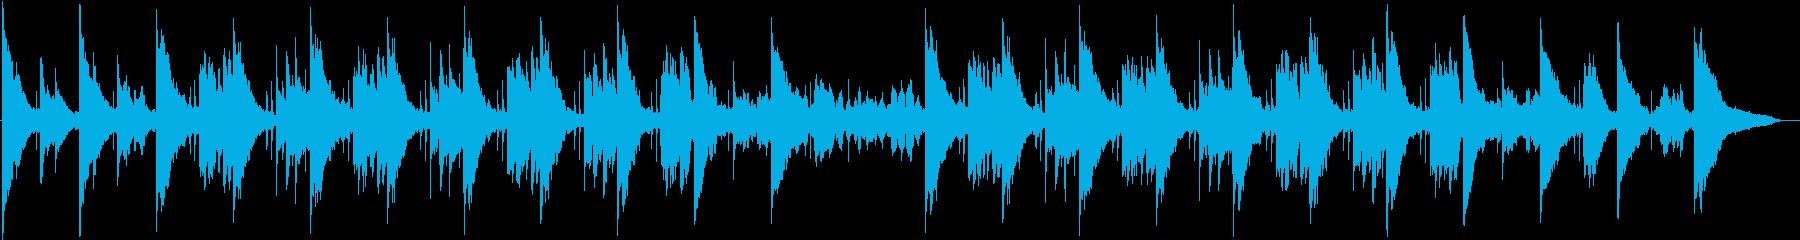 幻想的でロマンチックなBGMの再生済みの波形